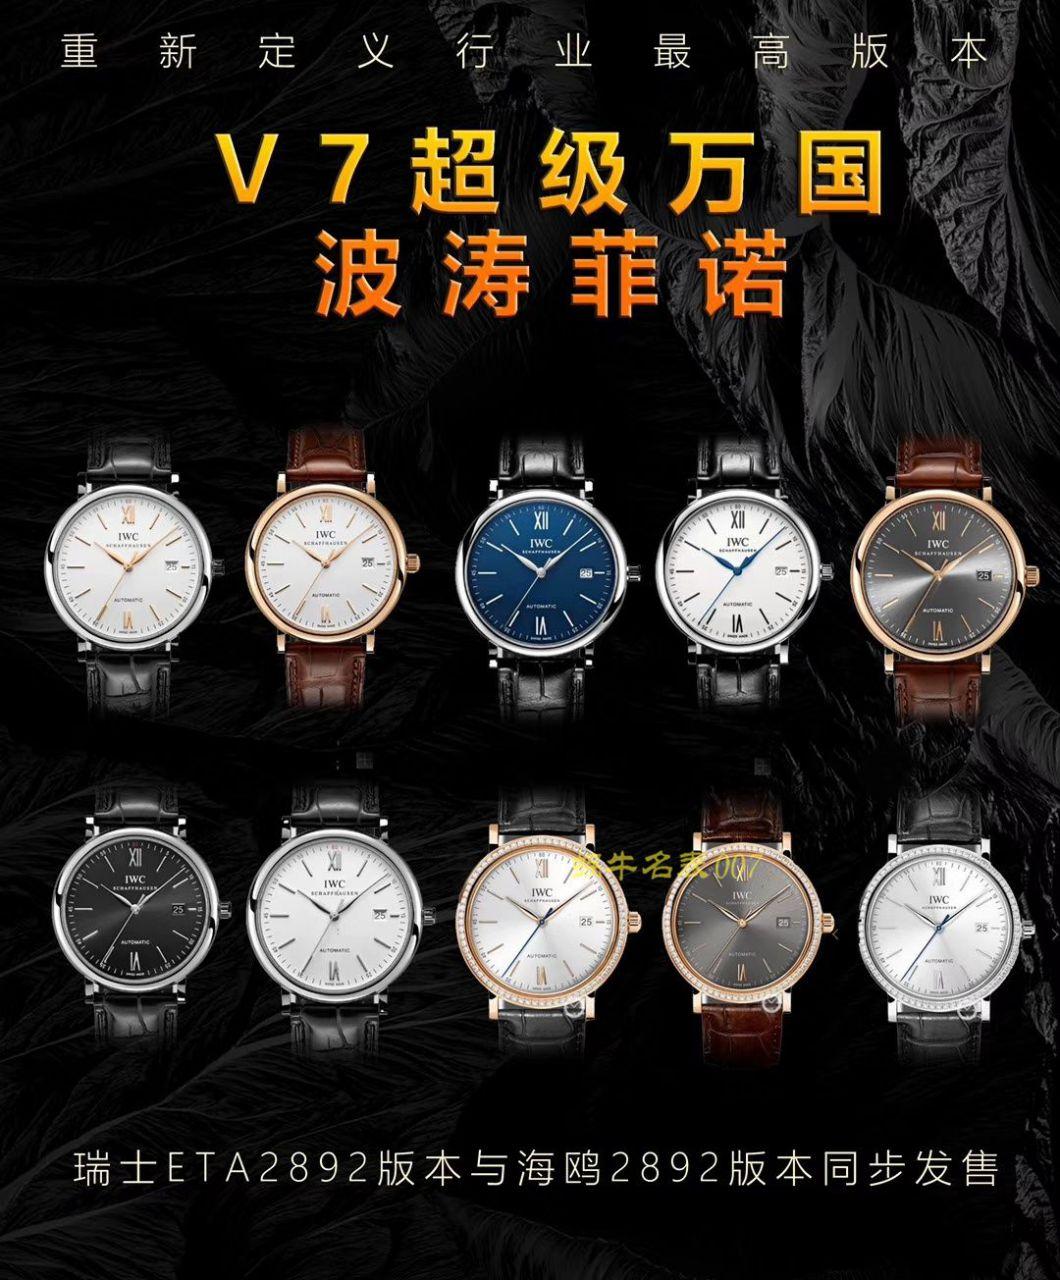 【视频评测V7厂IWC复刻表】万国表柏涛菲诺系列IW356516腕表 / WG396